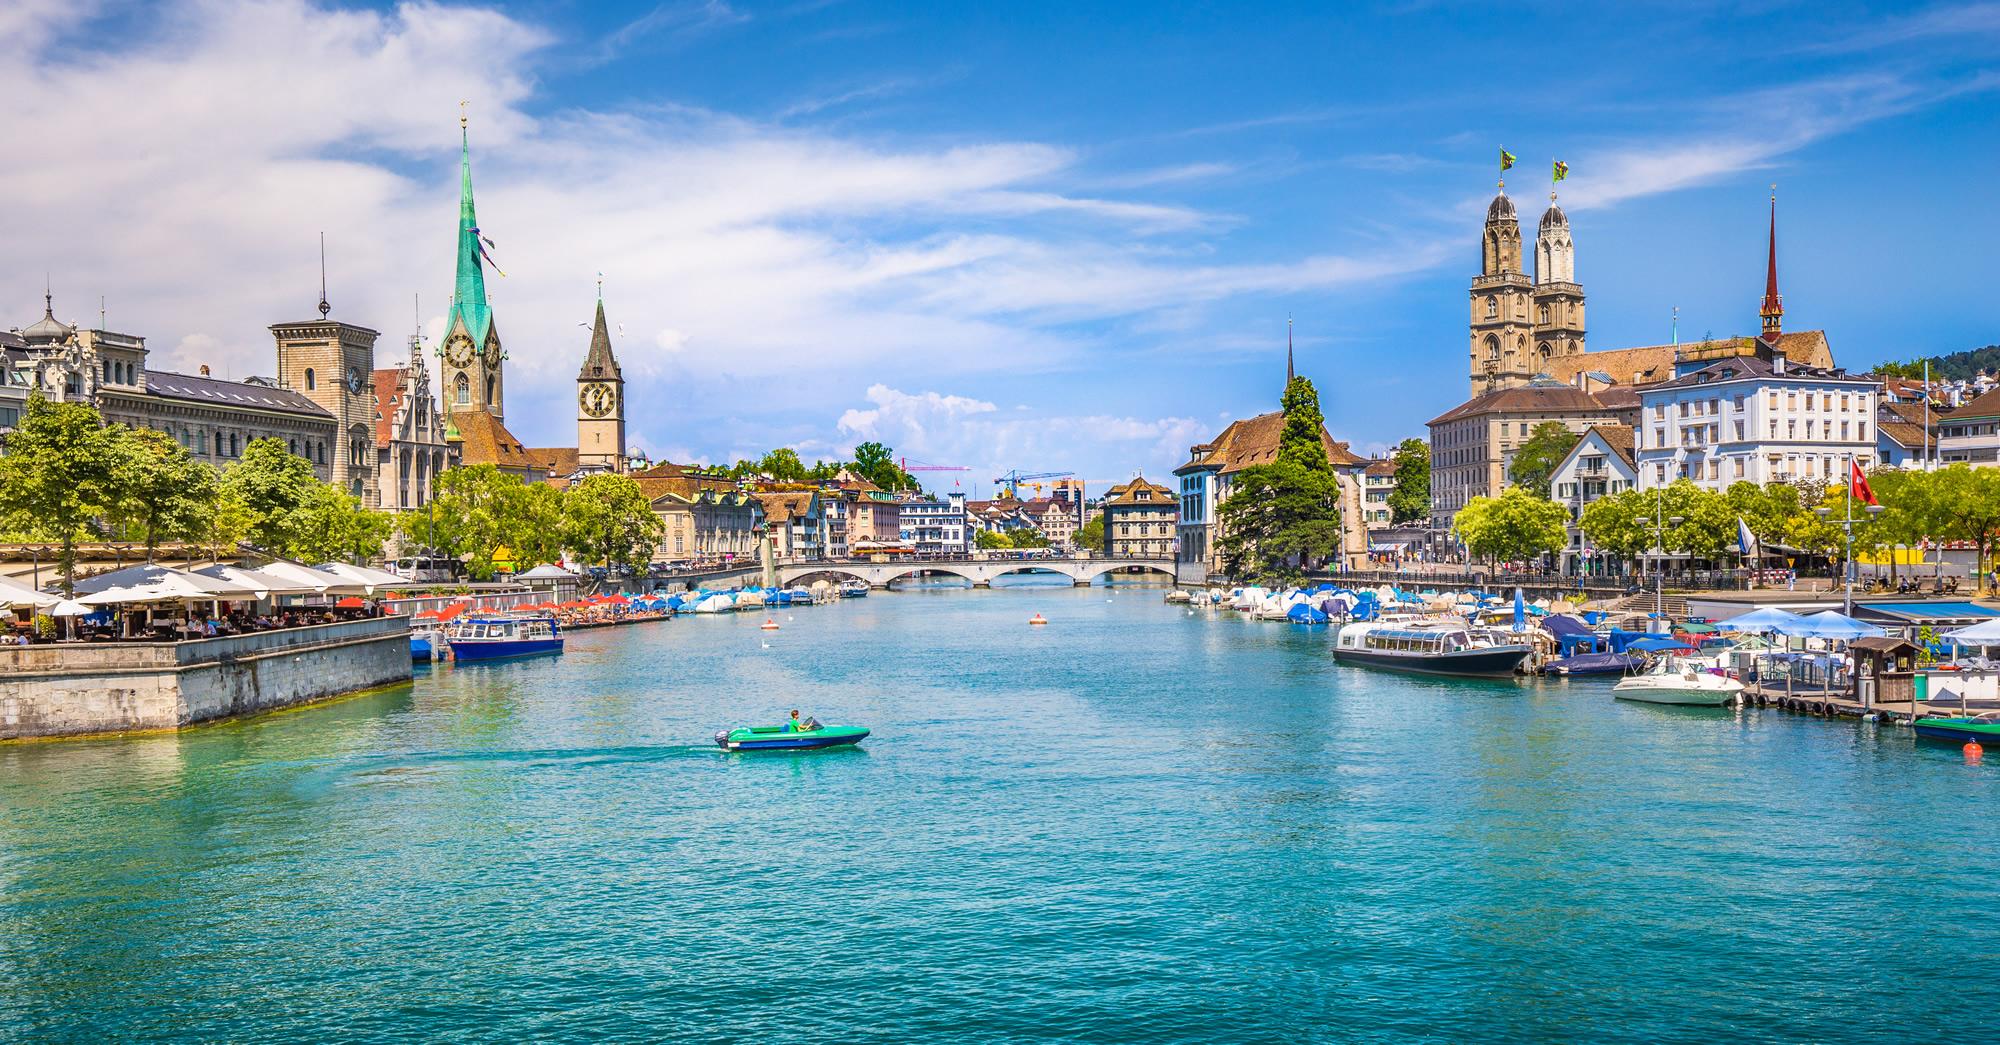 Fraumunster, Grossmunster Zurich Switzerland